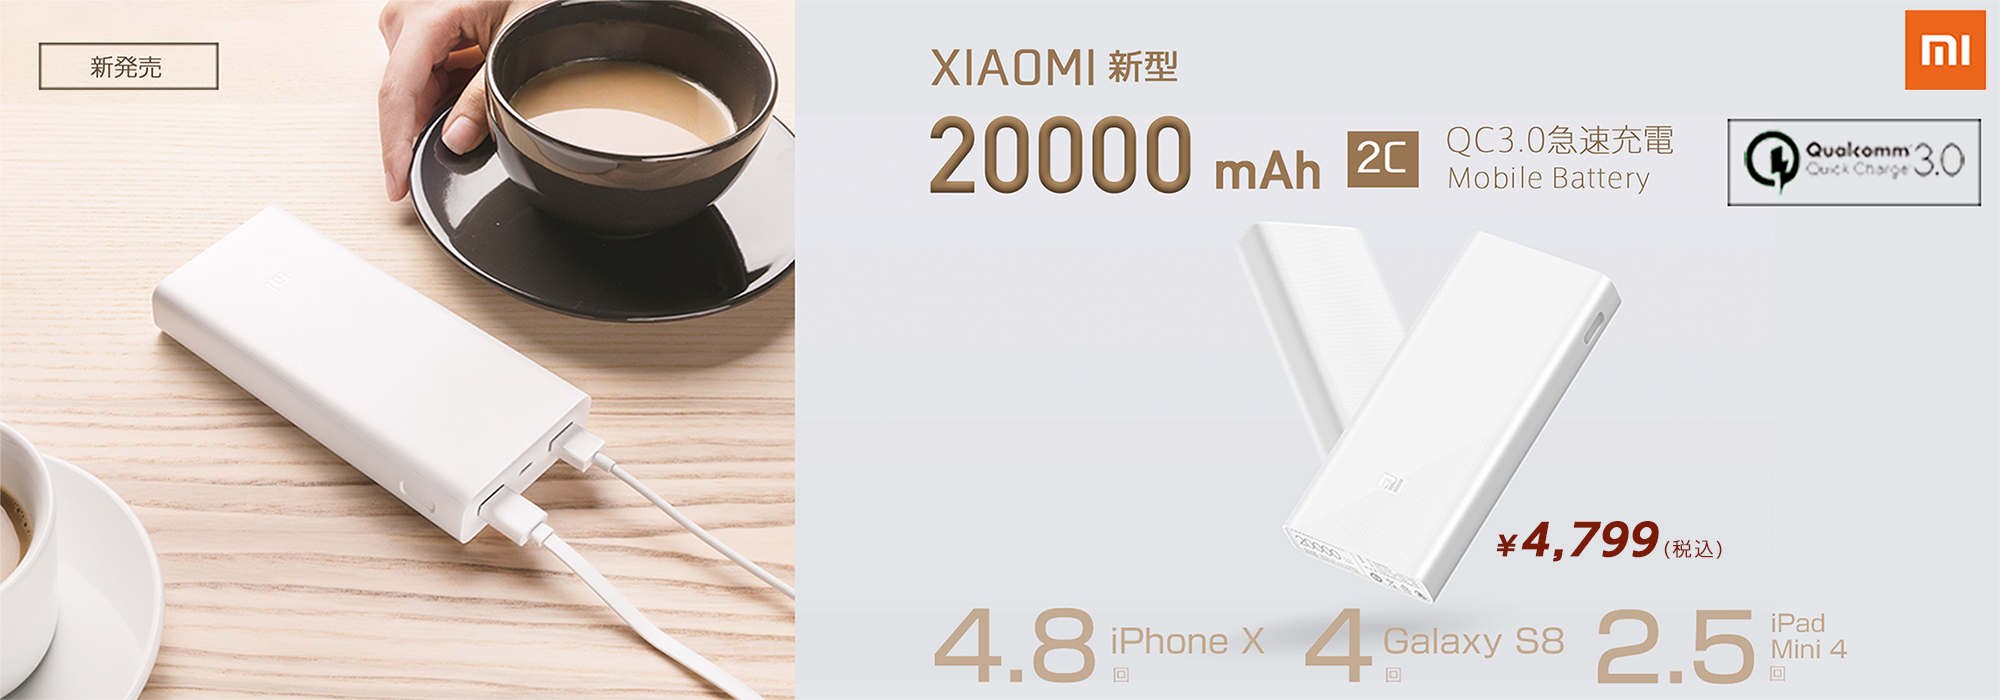 Xiaomi ハイレゾ音源対応